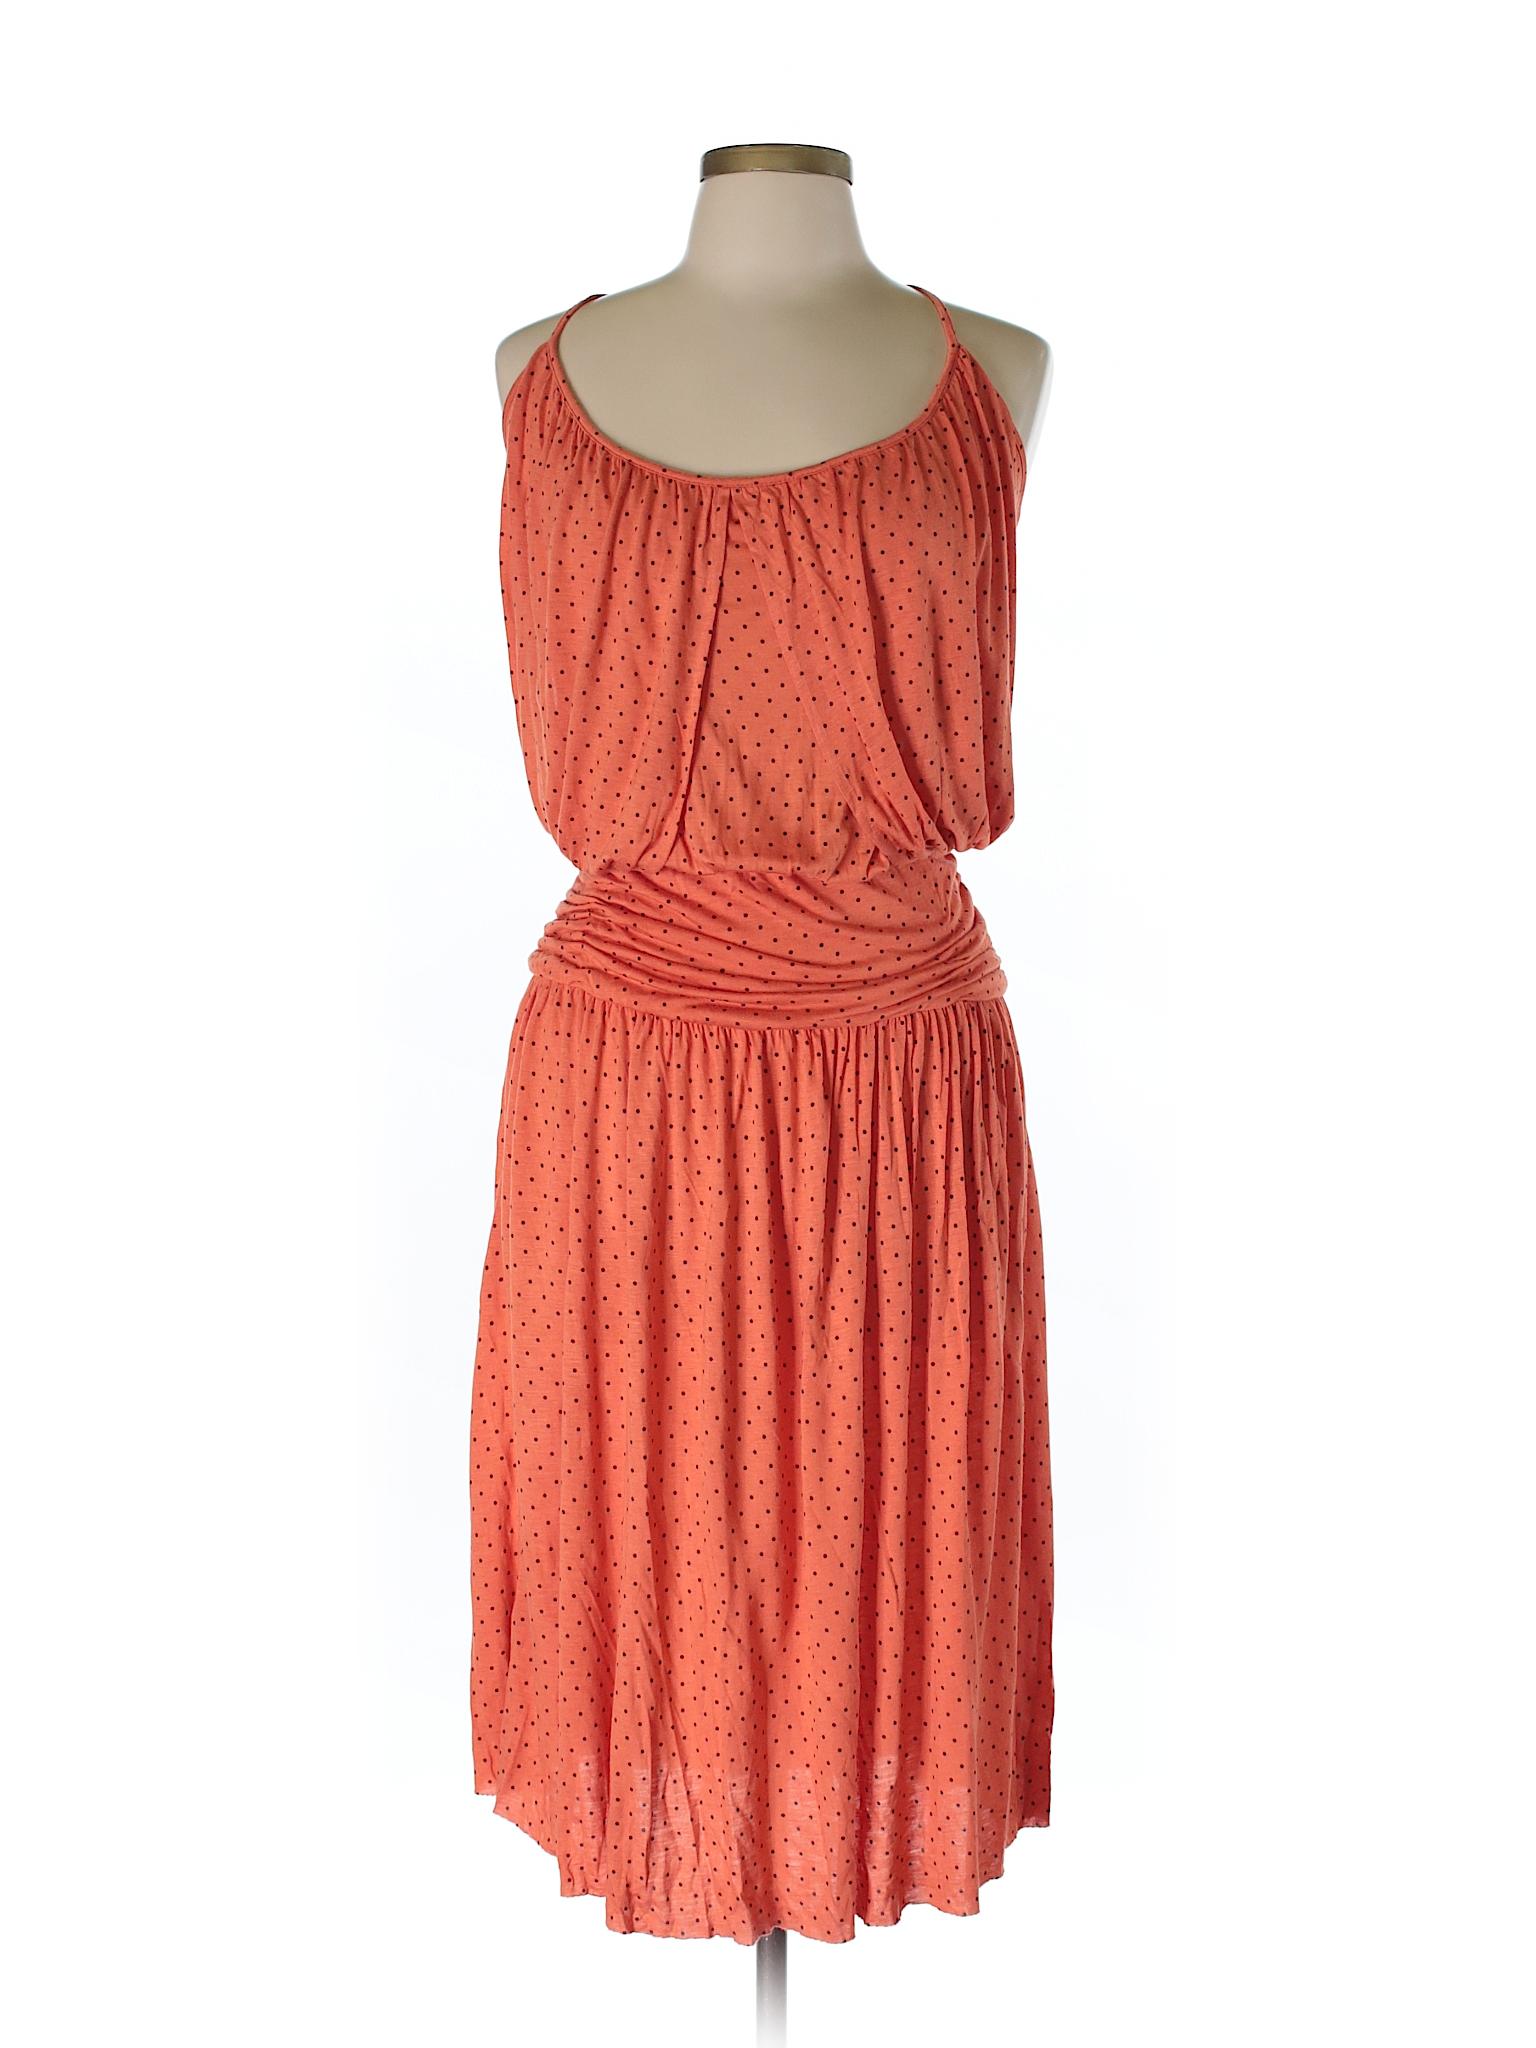 Dress Dress BCBGMAXAZRIA BCBGMAXAZRIA Casual Selling Selling Casual BCBGMAXAZRIA Selling Casual zfvwZx